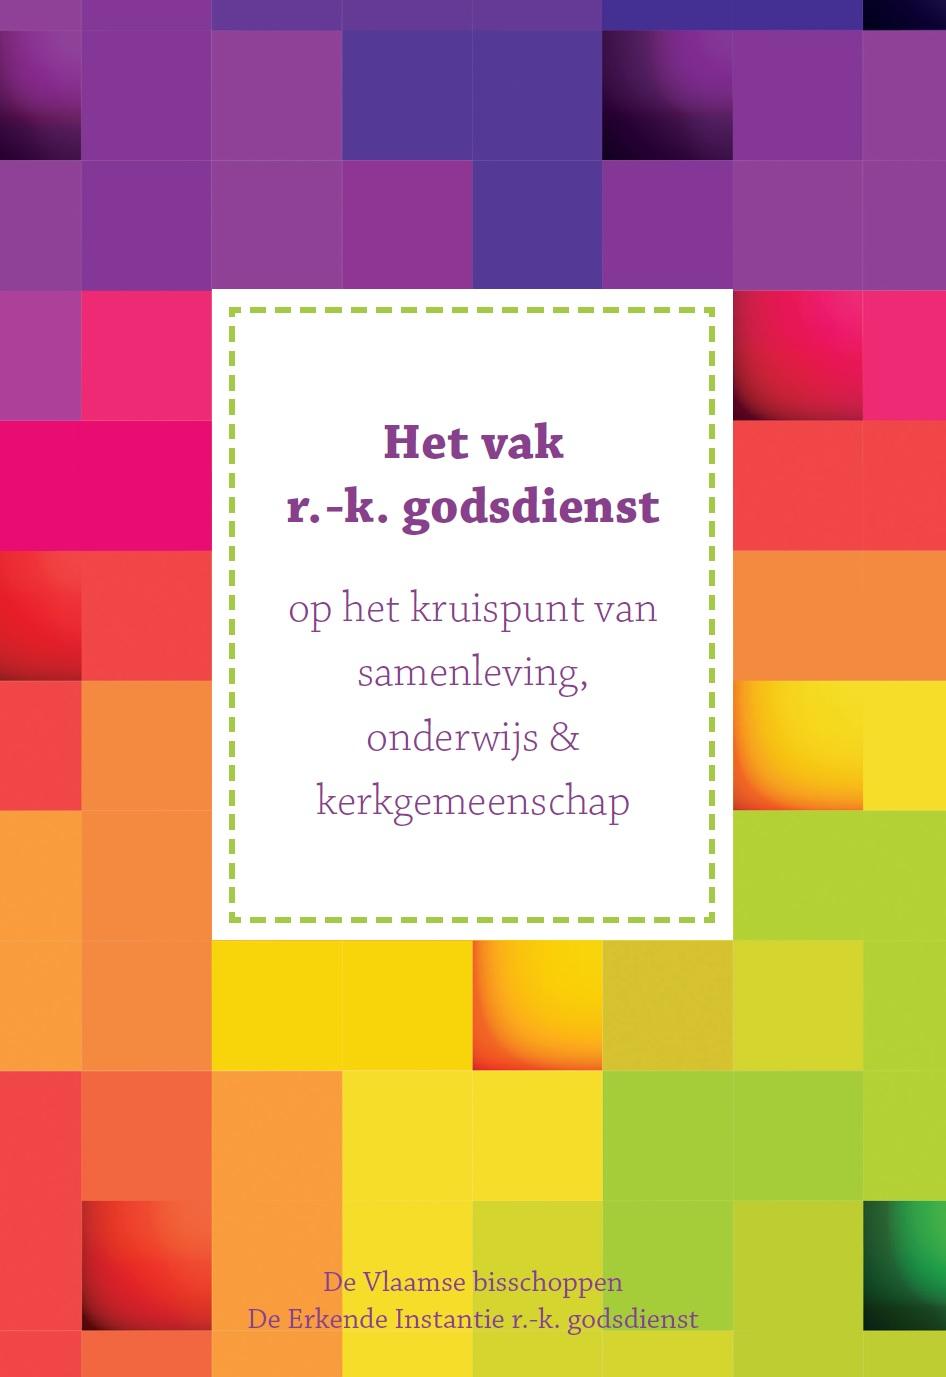 Cover van de nieuwe brochure van de Vlaamse bisschoppen en de Erkende Instantie rooms-katholieke godsdienst © IPID